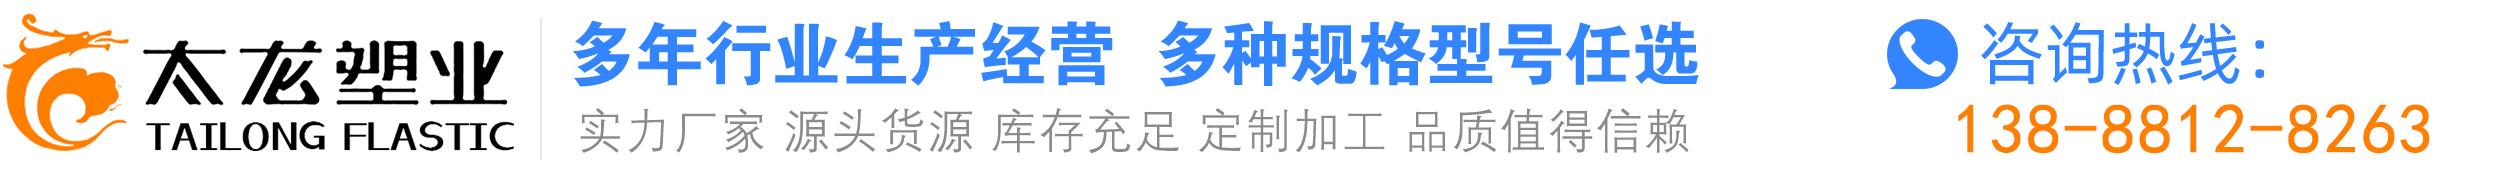 云南太龙塑业_Logo